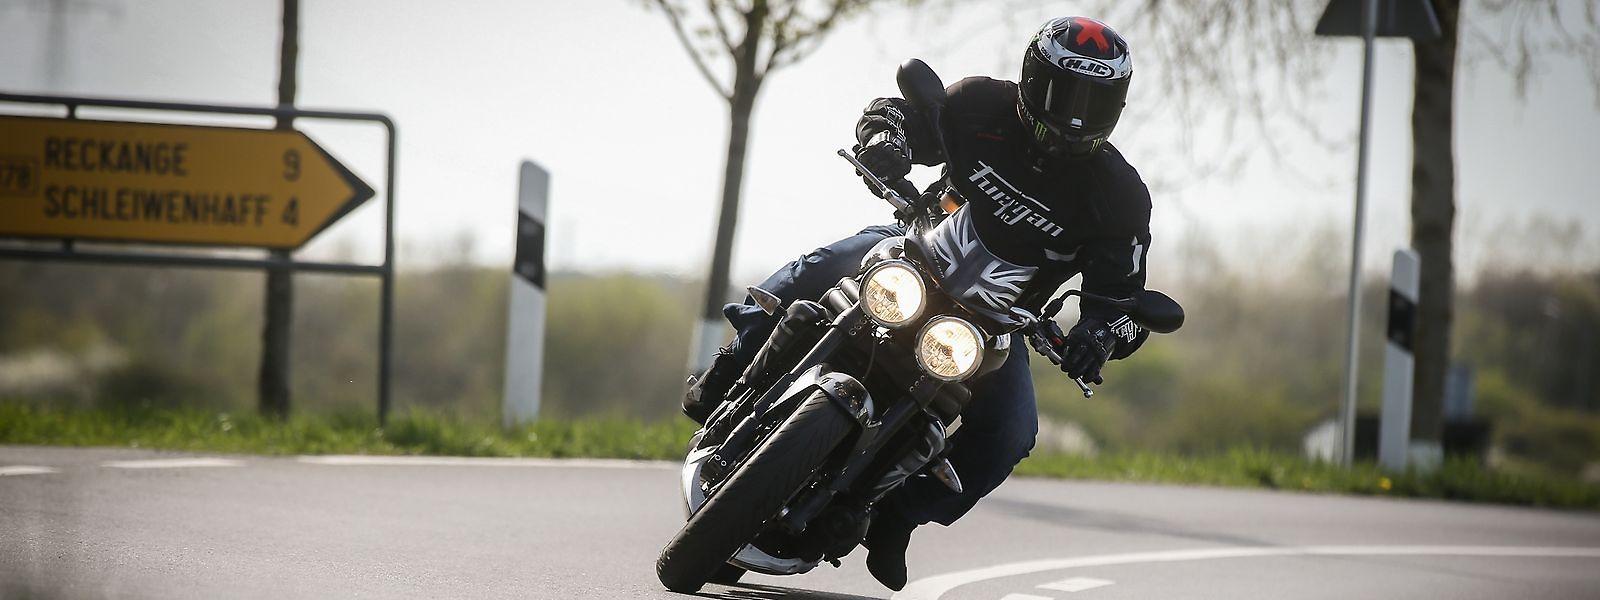 La majorité des accidents de moto a lieu au mois de juillet, les vendredis et en plein jour.